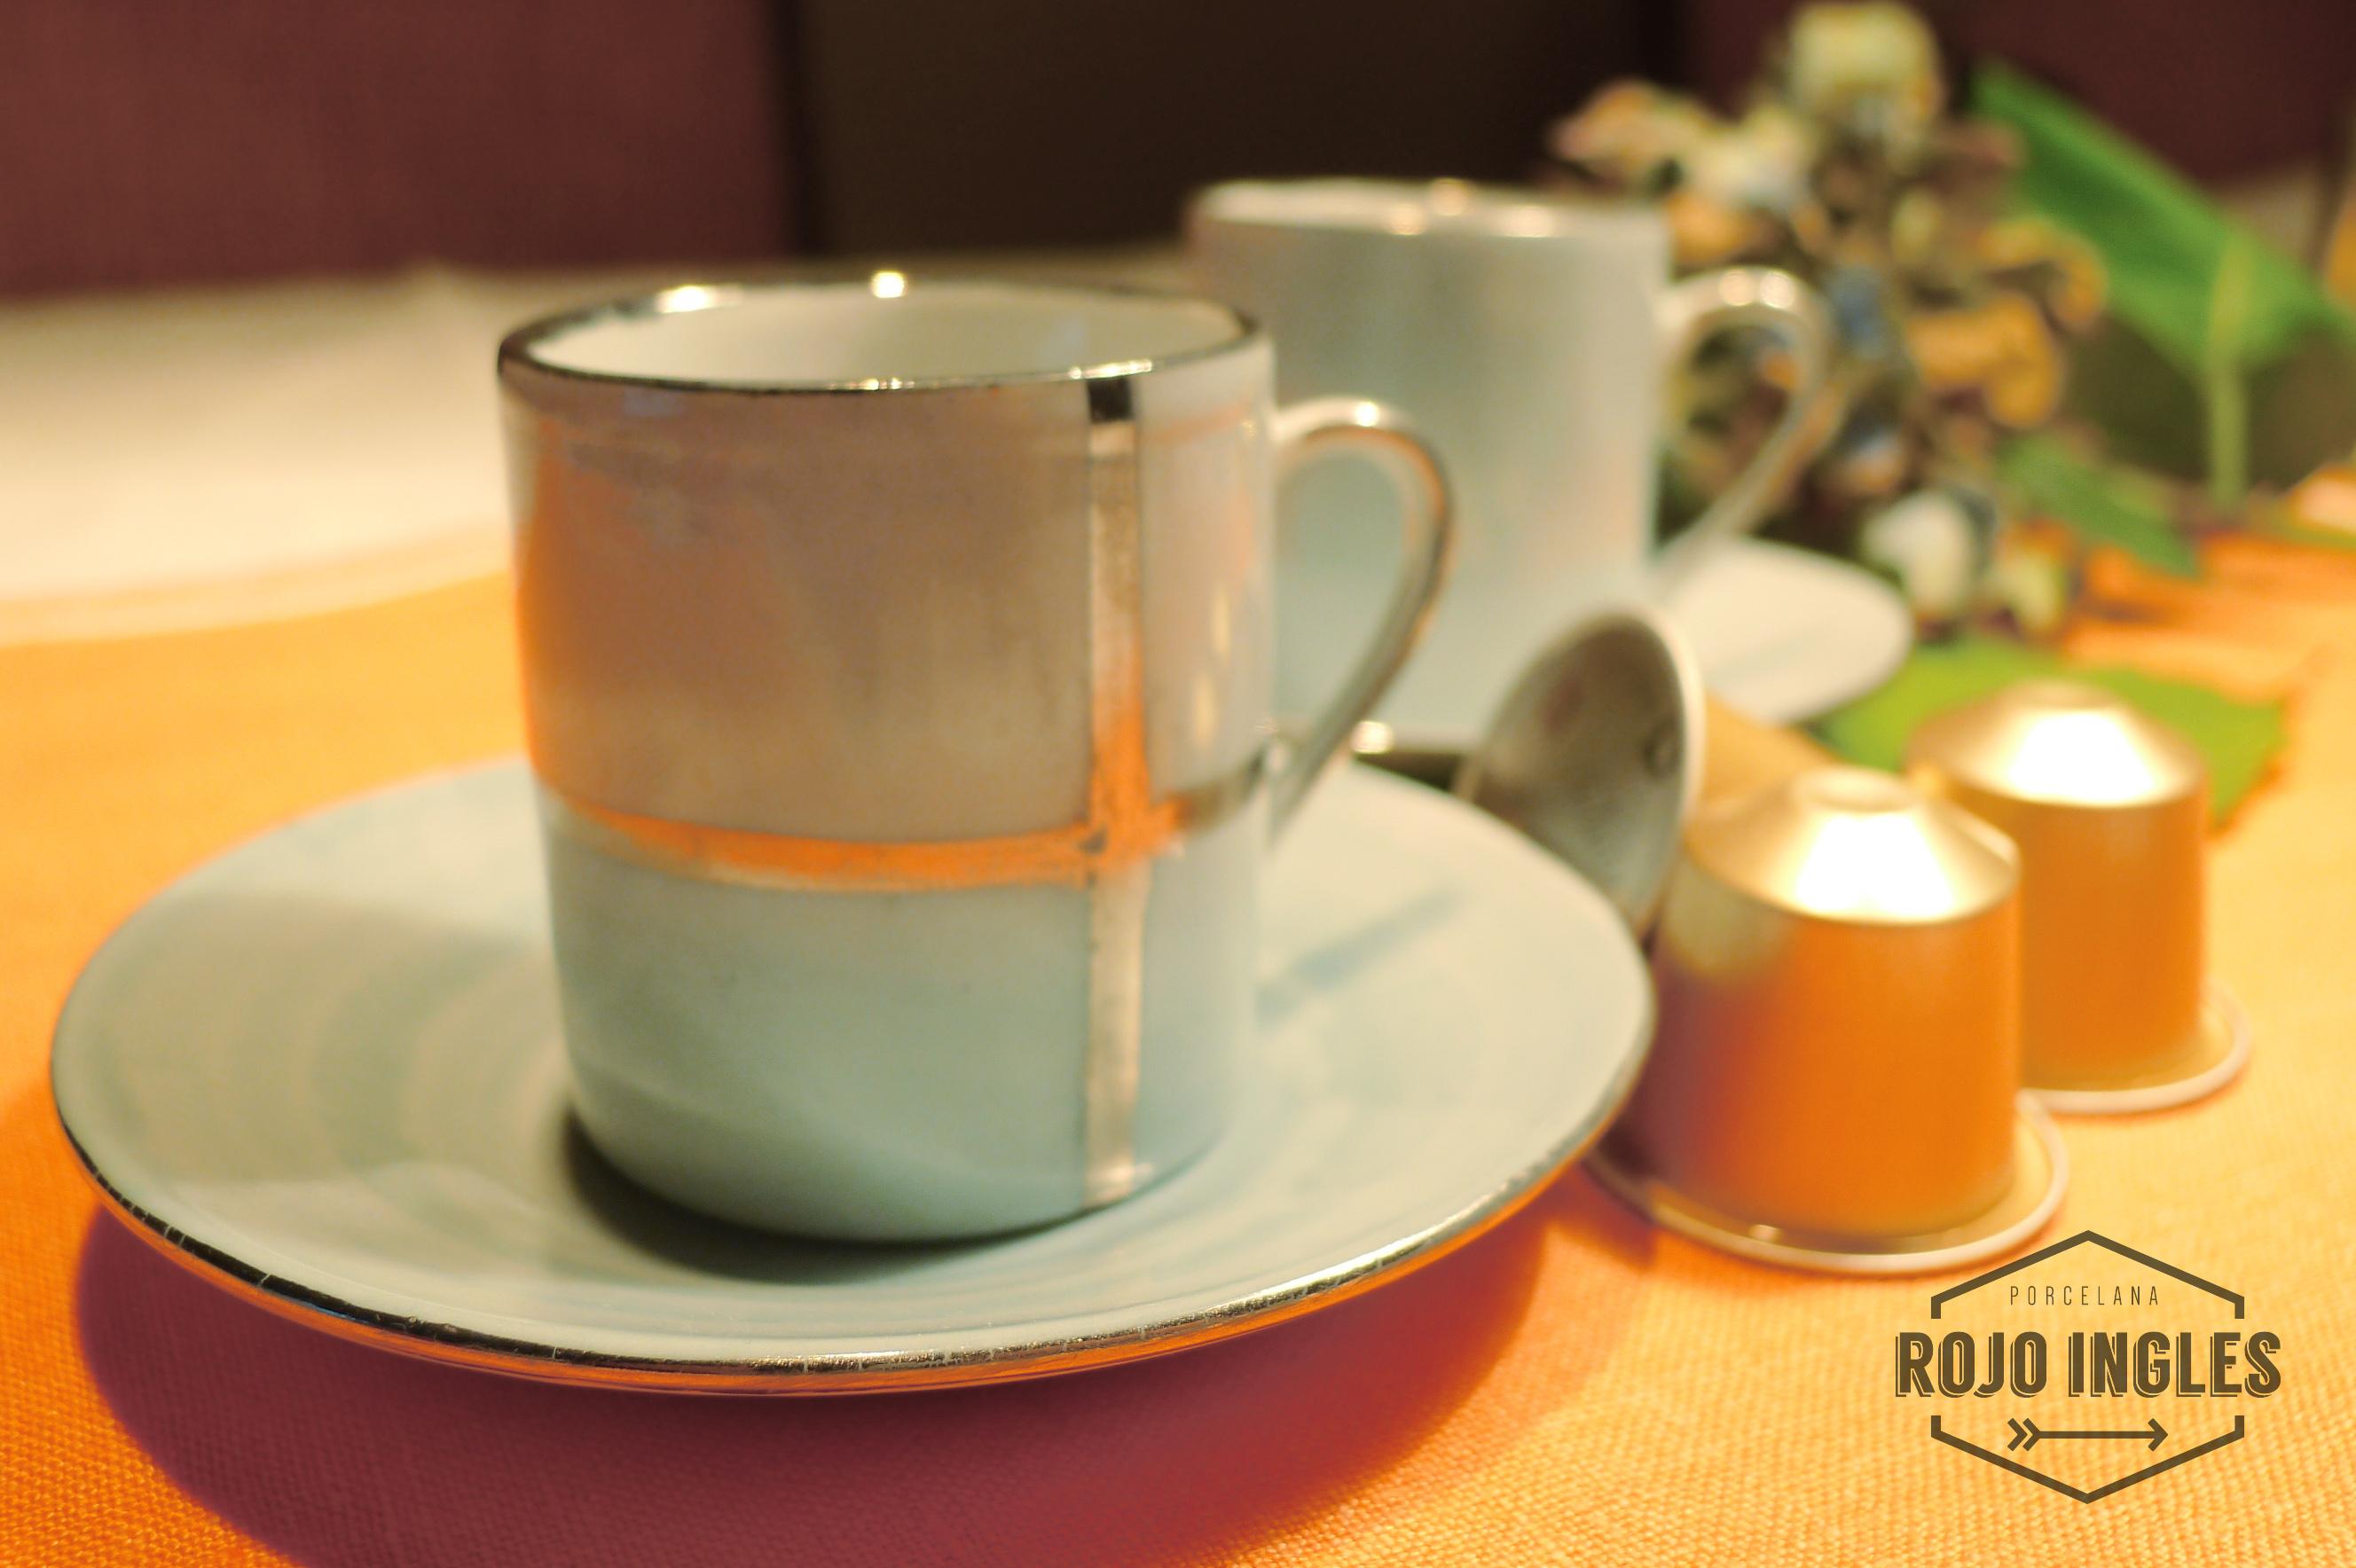 Juego tazas de caf aguamarina y platino rojo ingl s for Juego tazas cafe